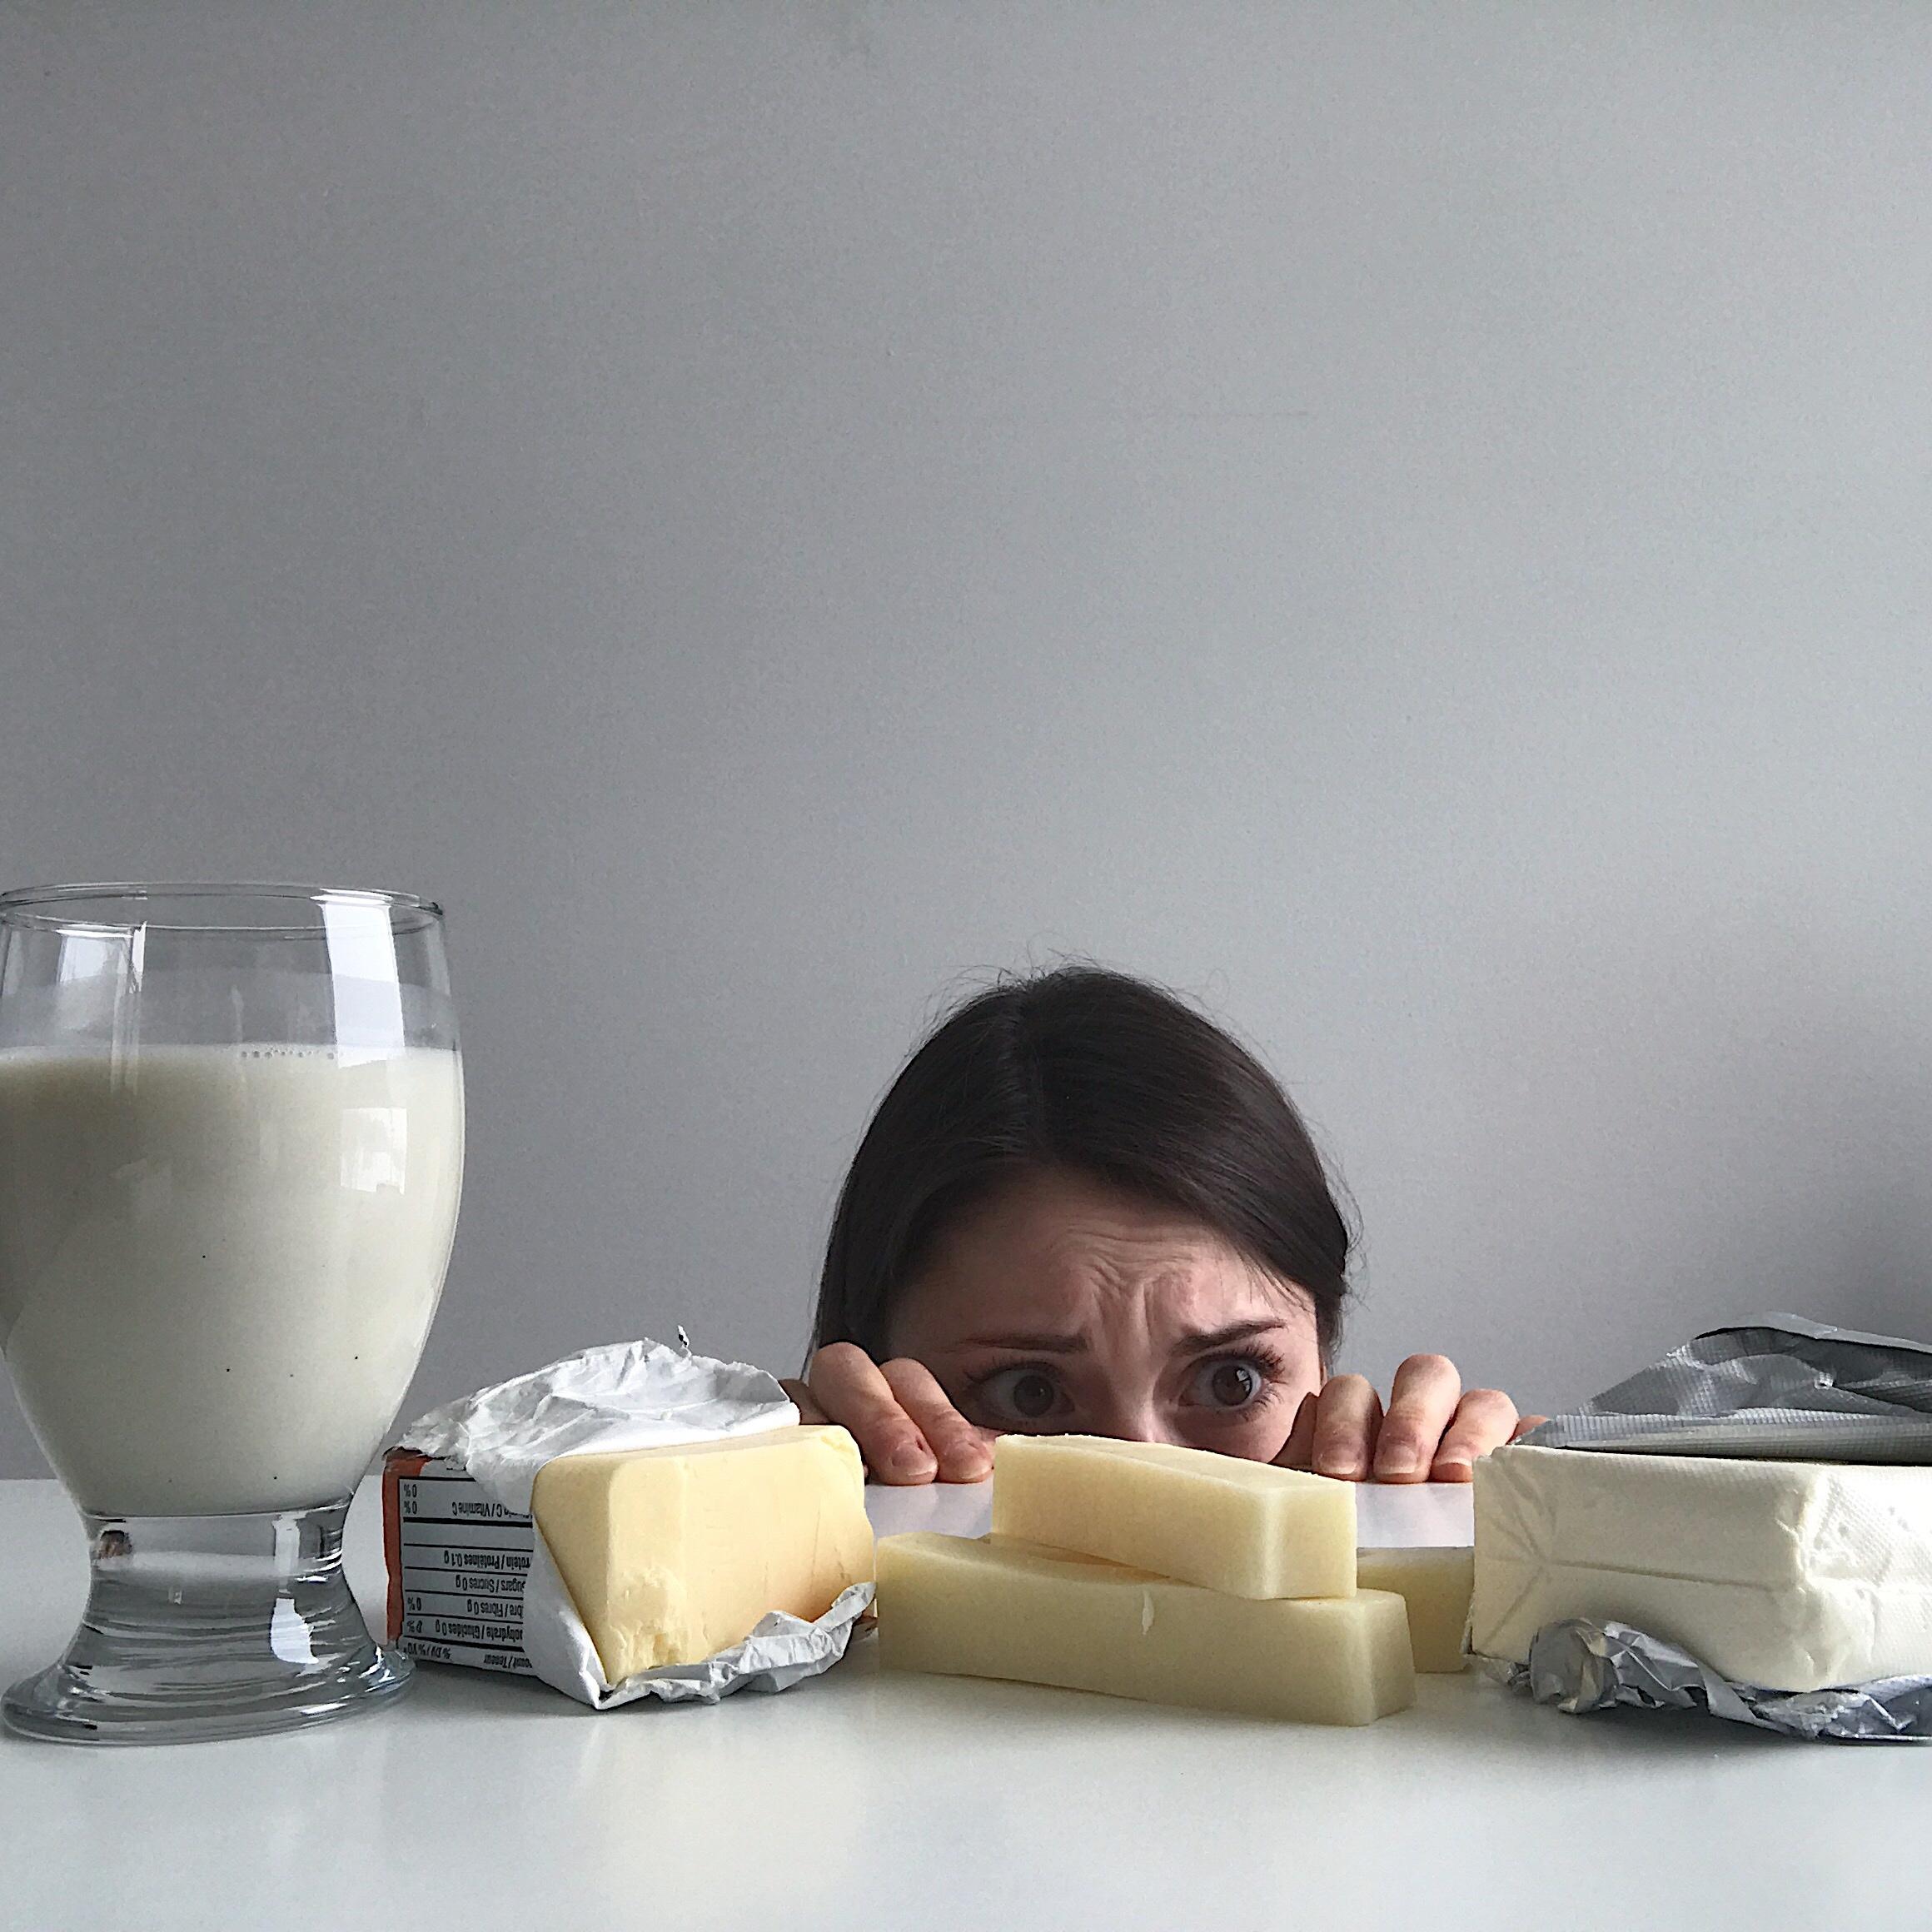 Mon avis de nutritionniste sur les aliments transformés